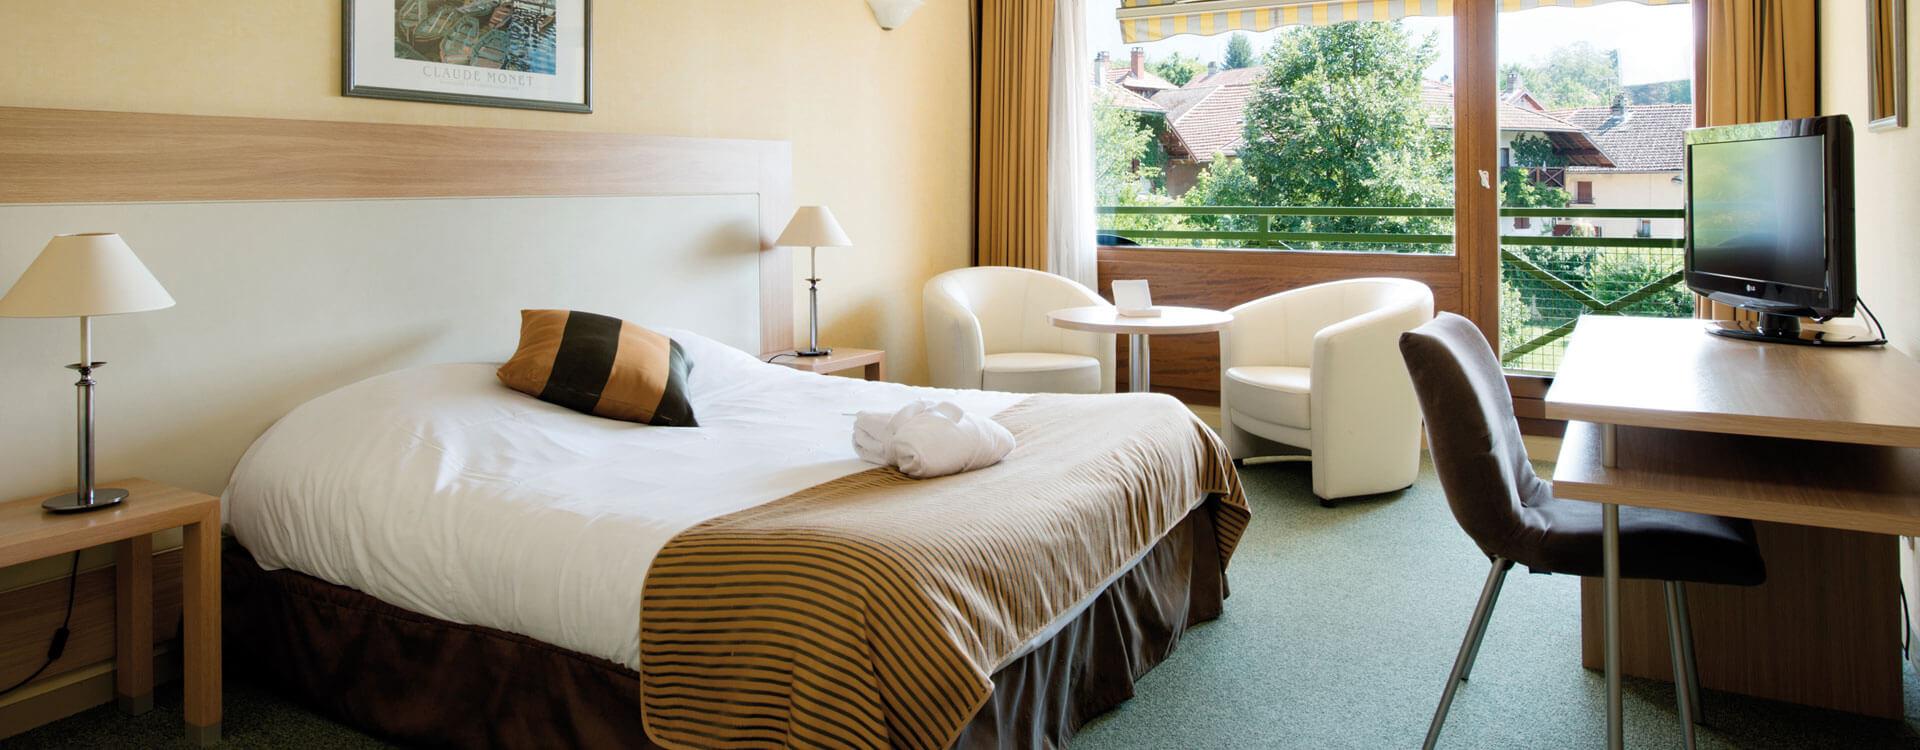 Chambres - Hôtel & spa*** La Villa Marlioz à Aix-les-Bains